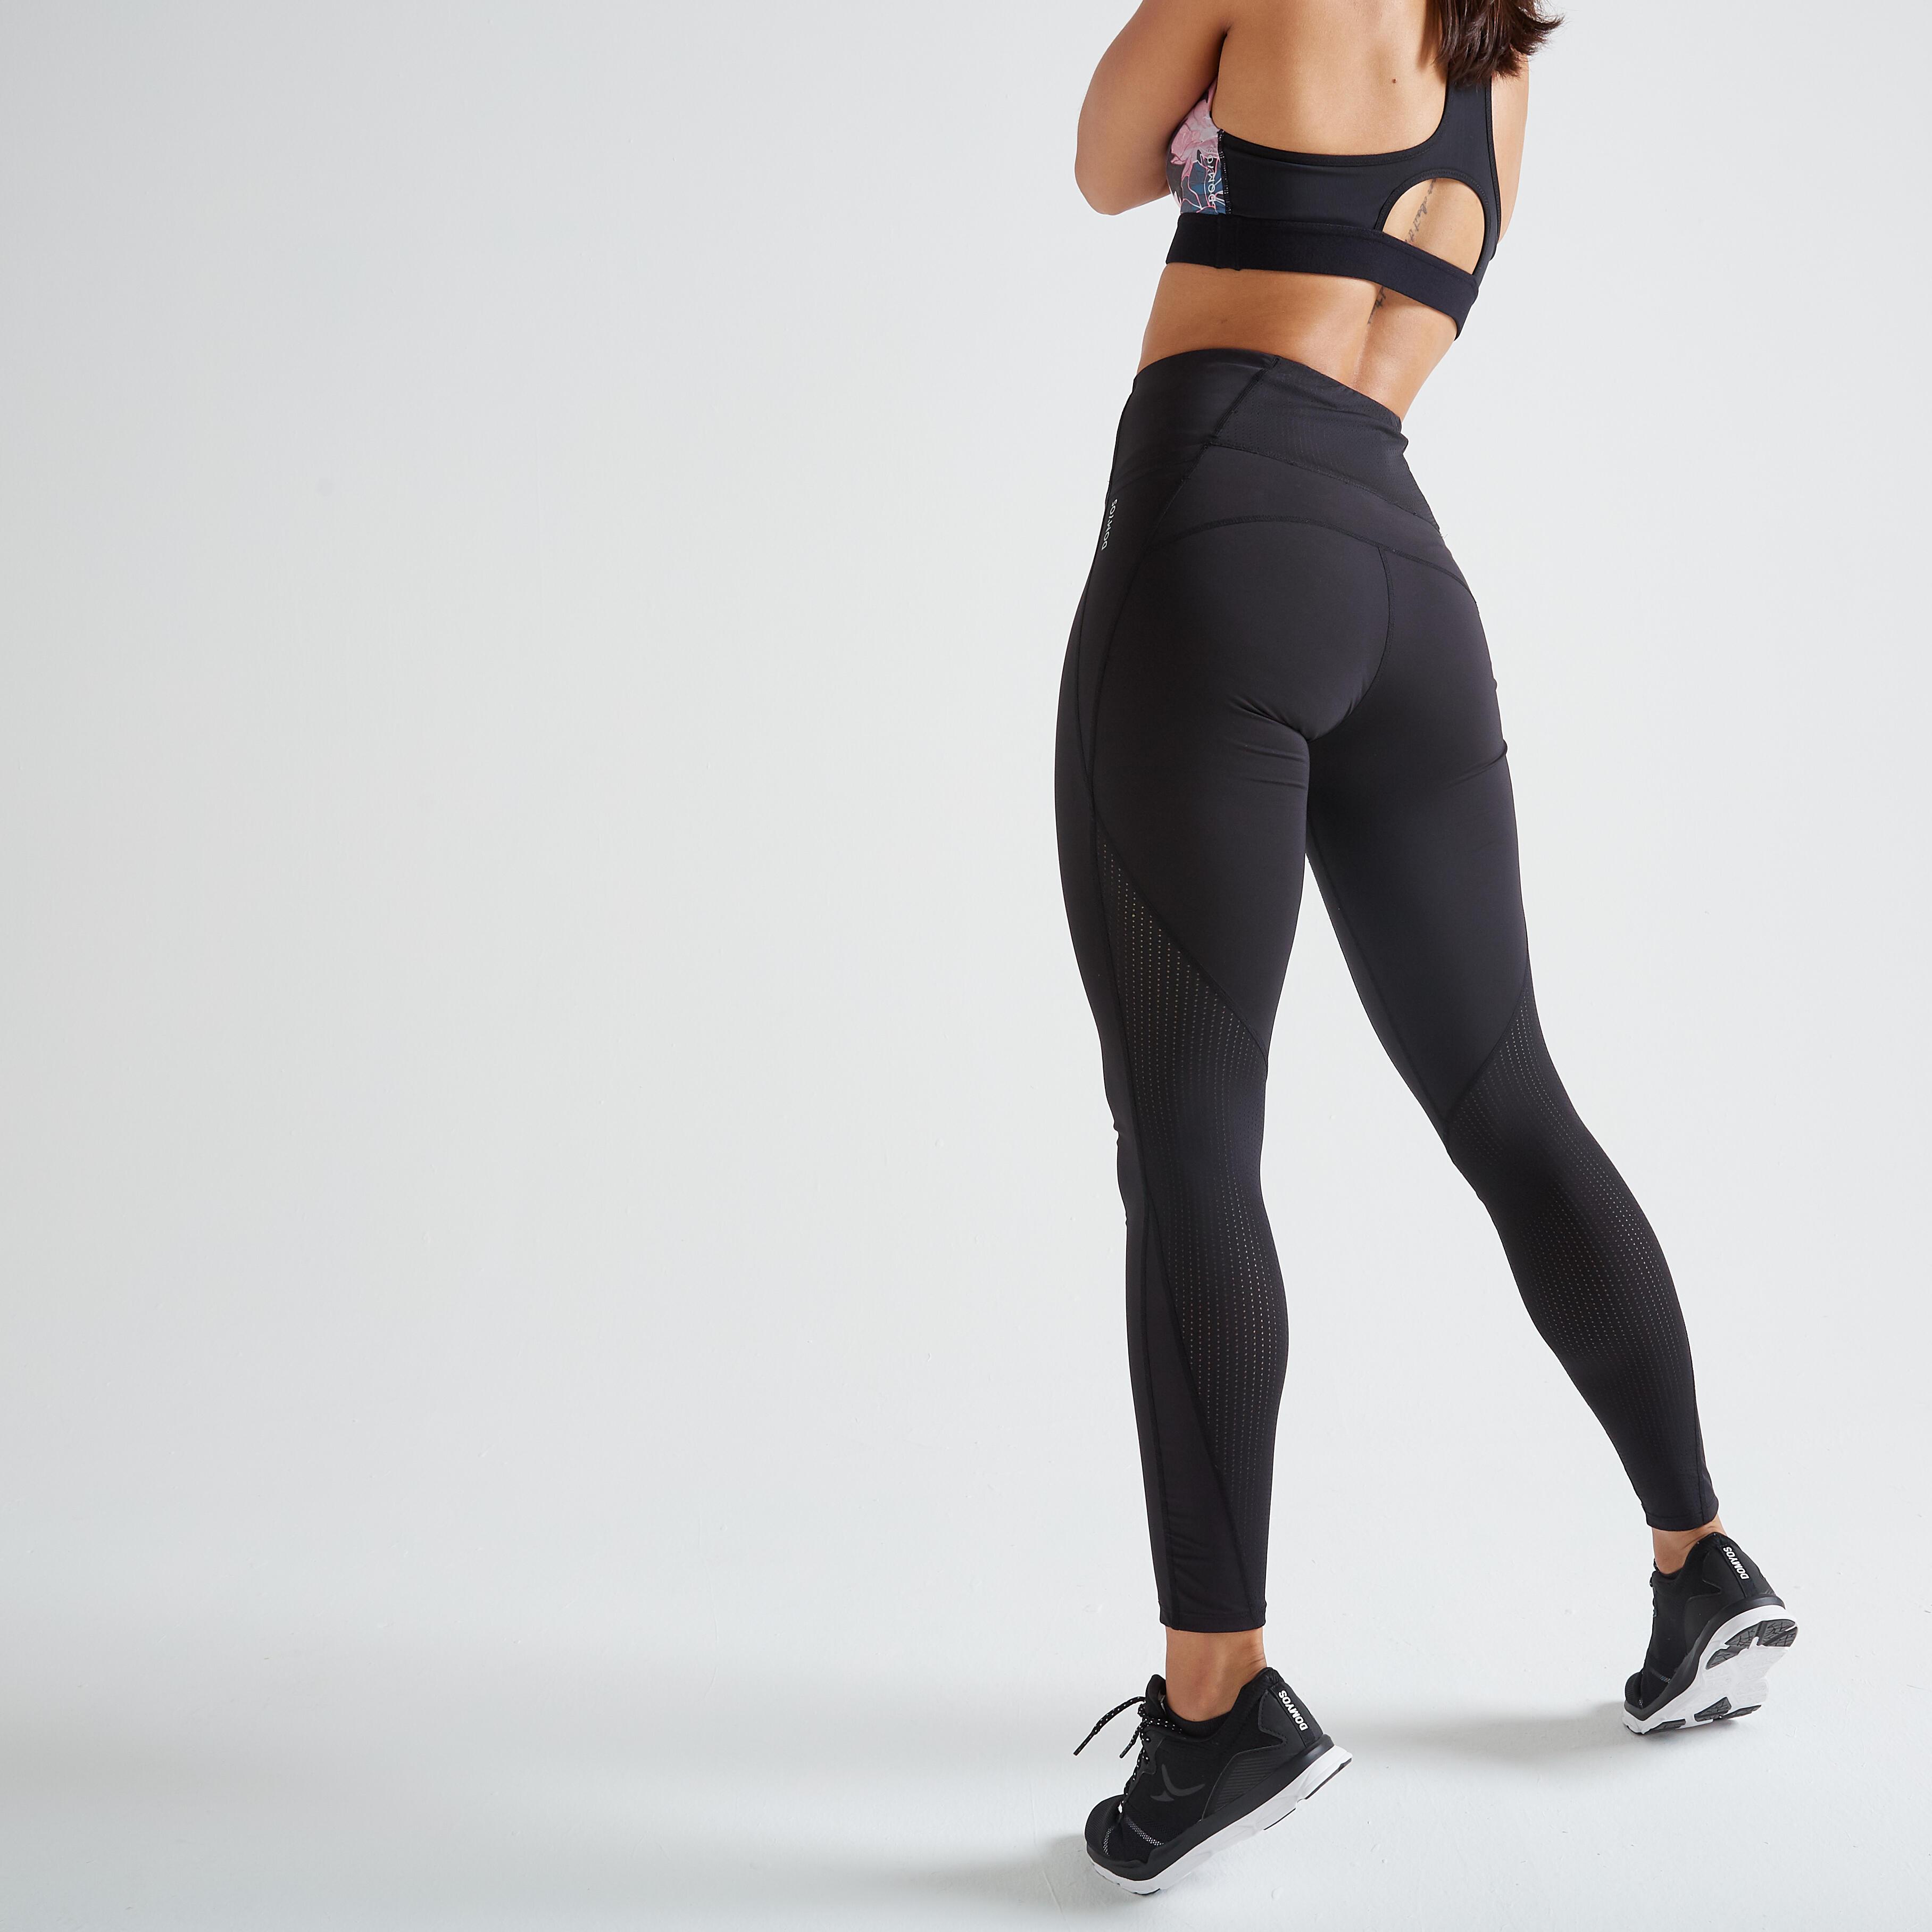 acheter mieux en ligne à la vente Garantie de satisfaction à 100% Legging fitness cardio training femme noir 500